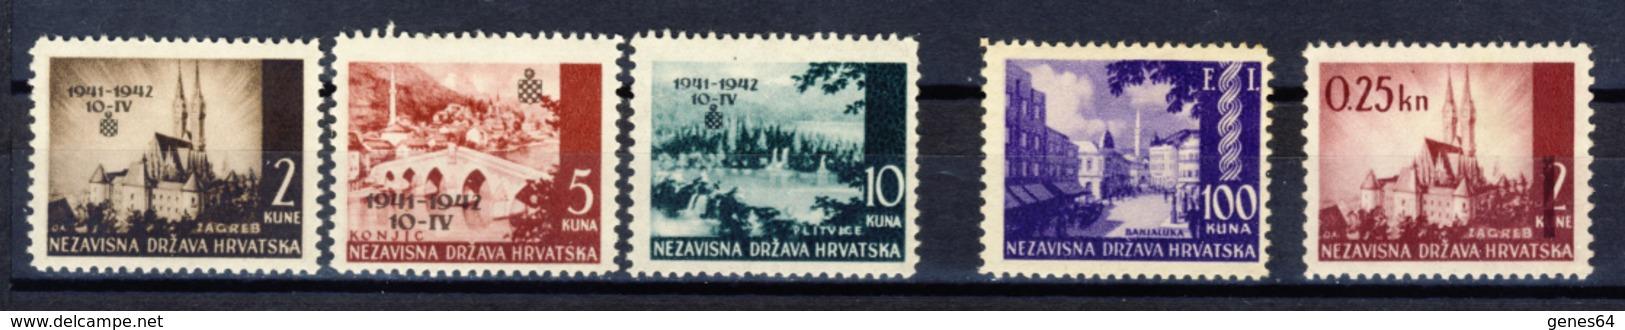 1942 - Croazia Indipendente - Lotto Di 3 Emissioni - Nuovi MNH** E MLH* - Kroatien